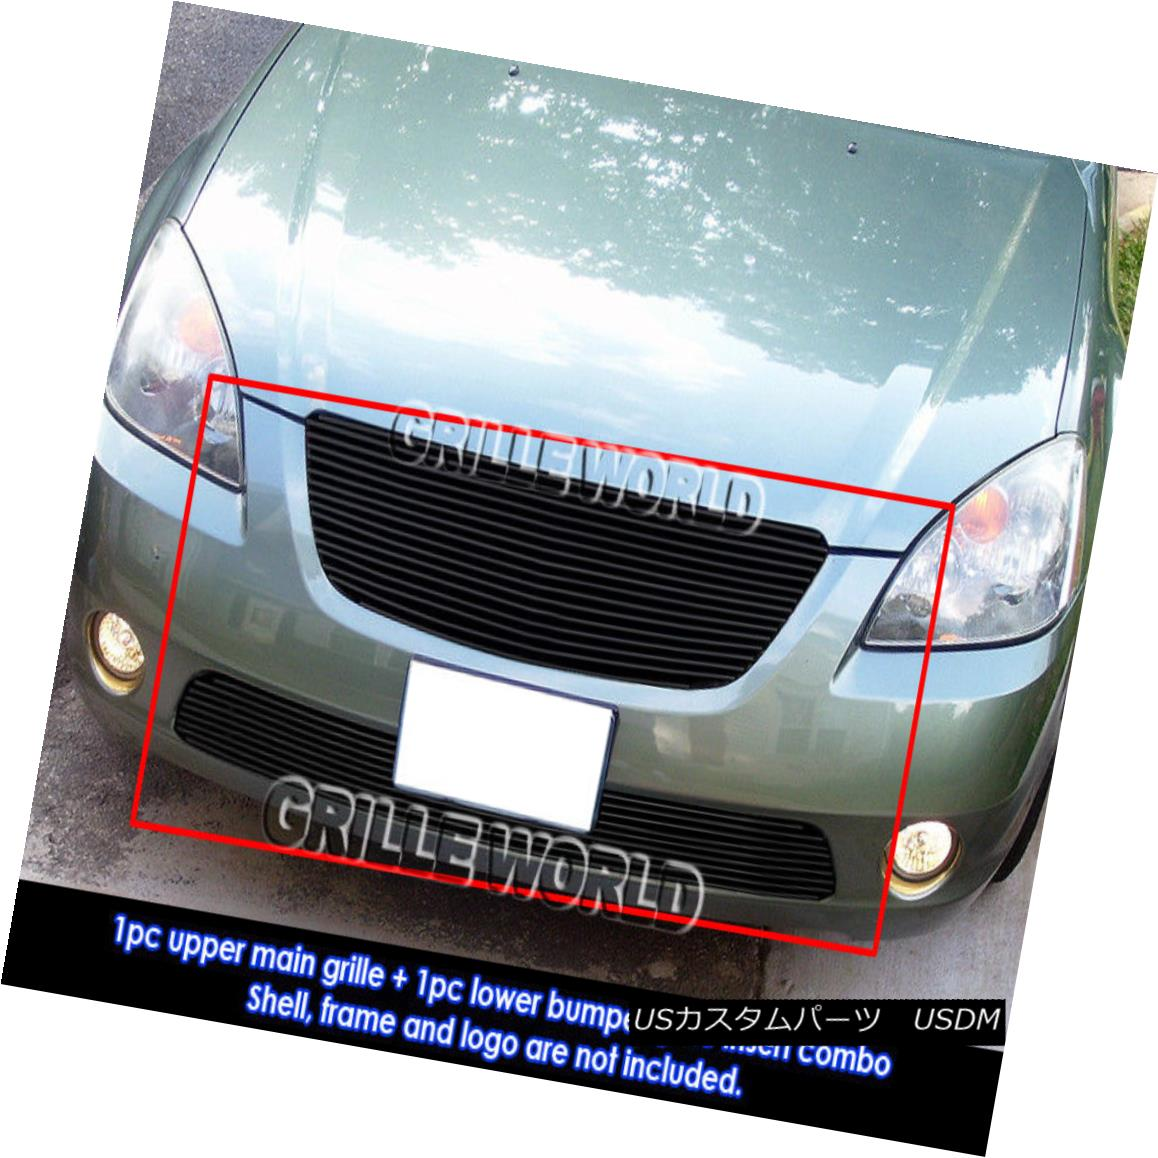 グリル For 02-04 Nissan Altima Black Billet Grille Insert Combo 02-04日産アルティマブラックビレットグリルインサートコンボ用